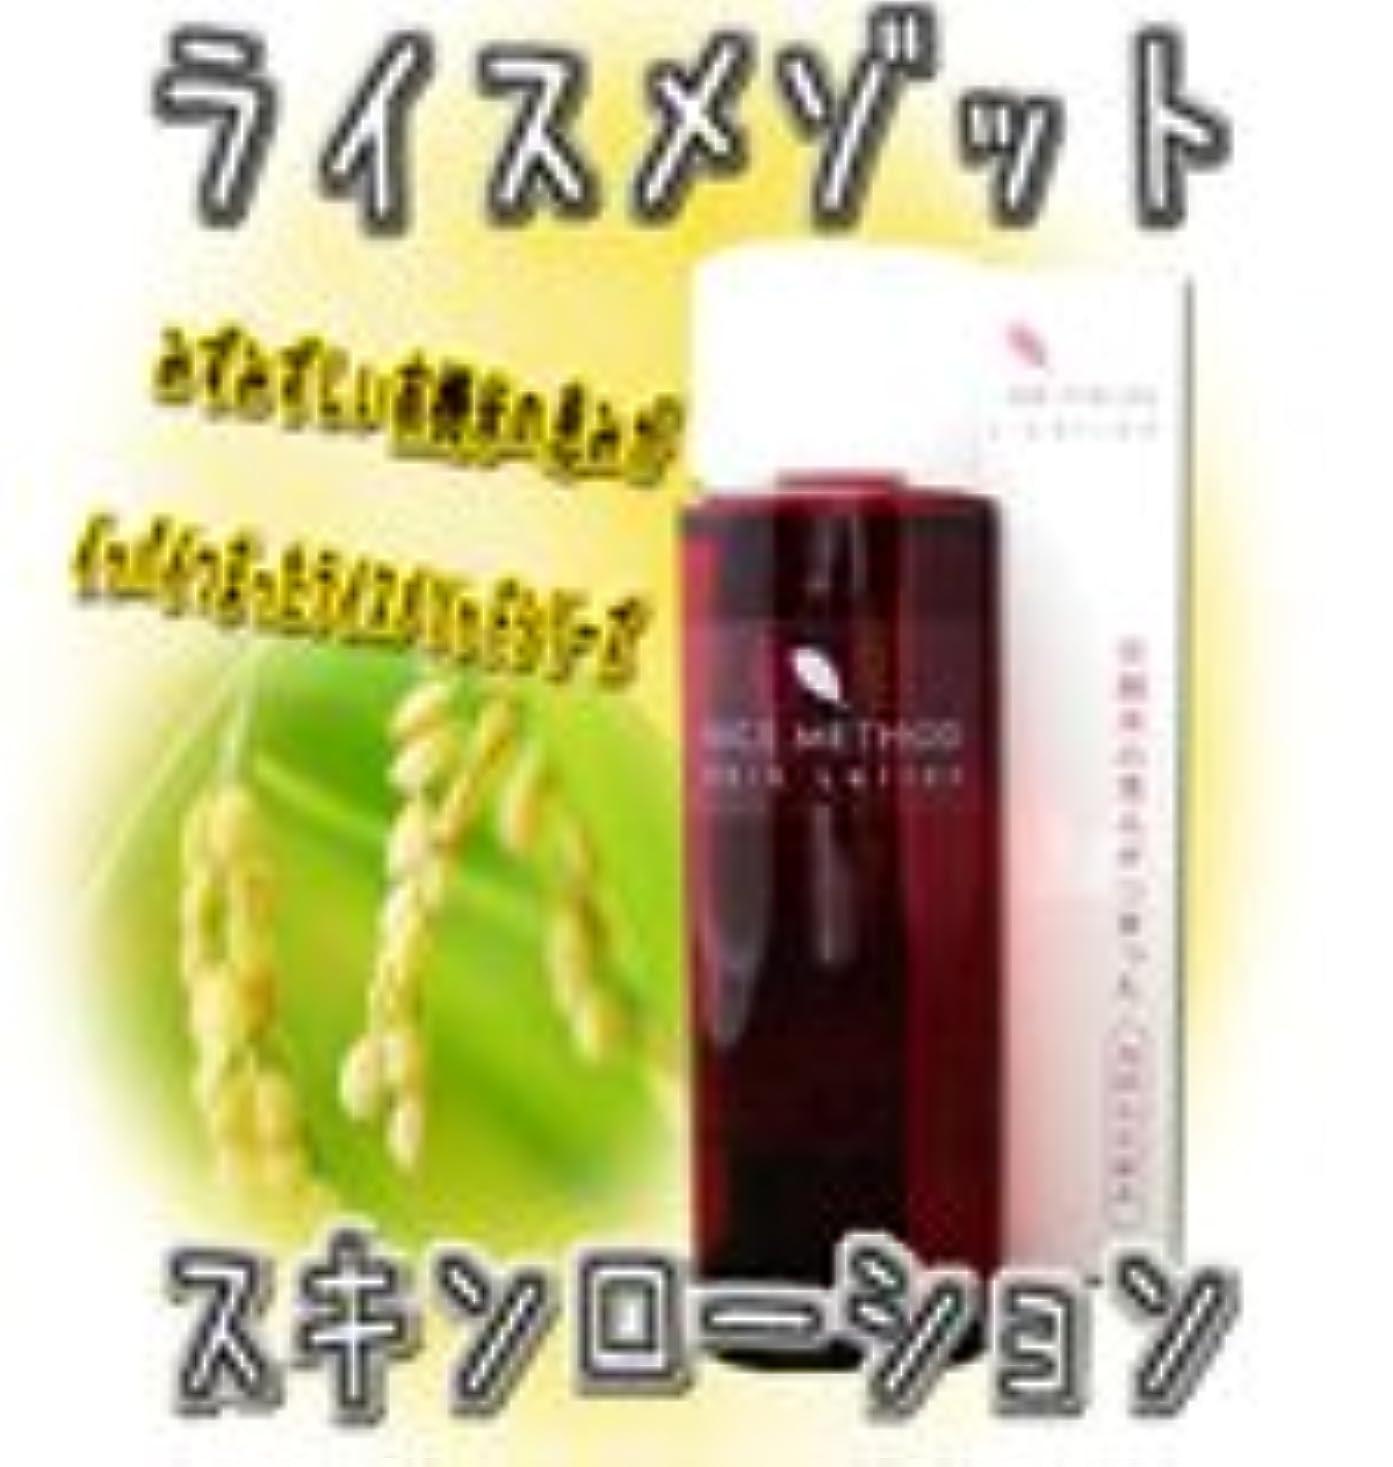 色合いモニターラブリアル ライスメソッド スキンローション 120ml 【高保水化粧水】【米】